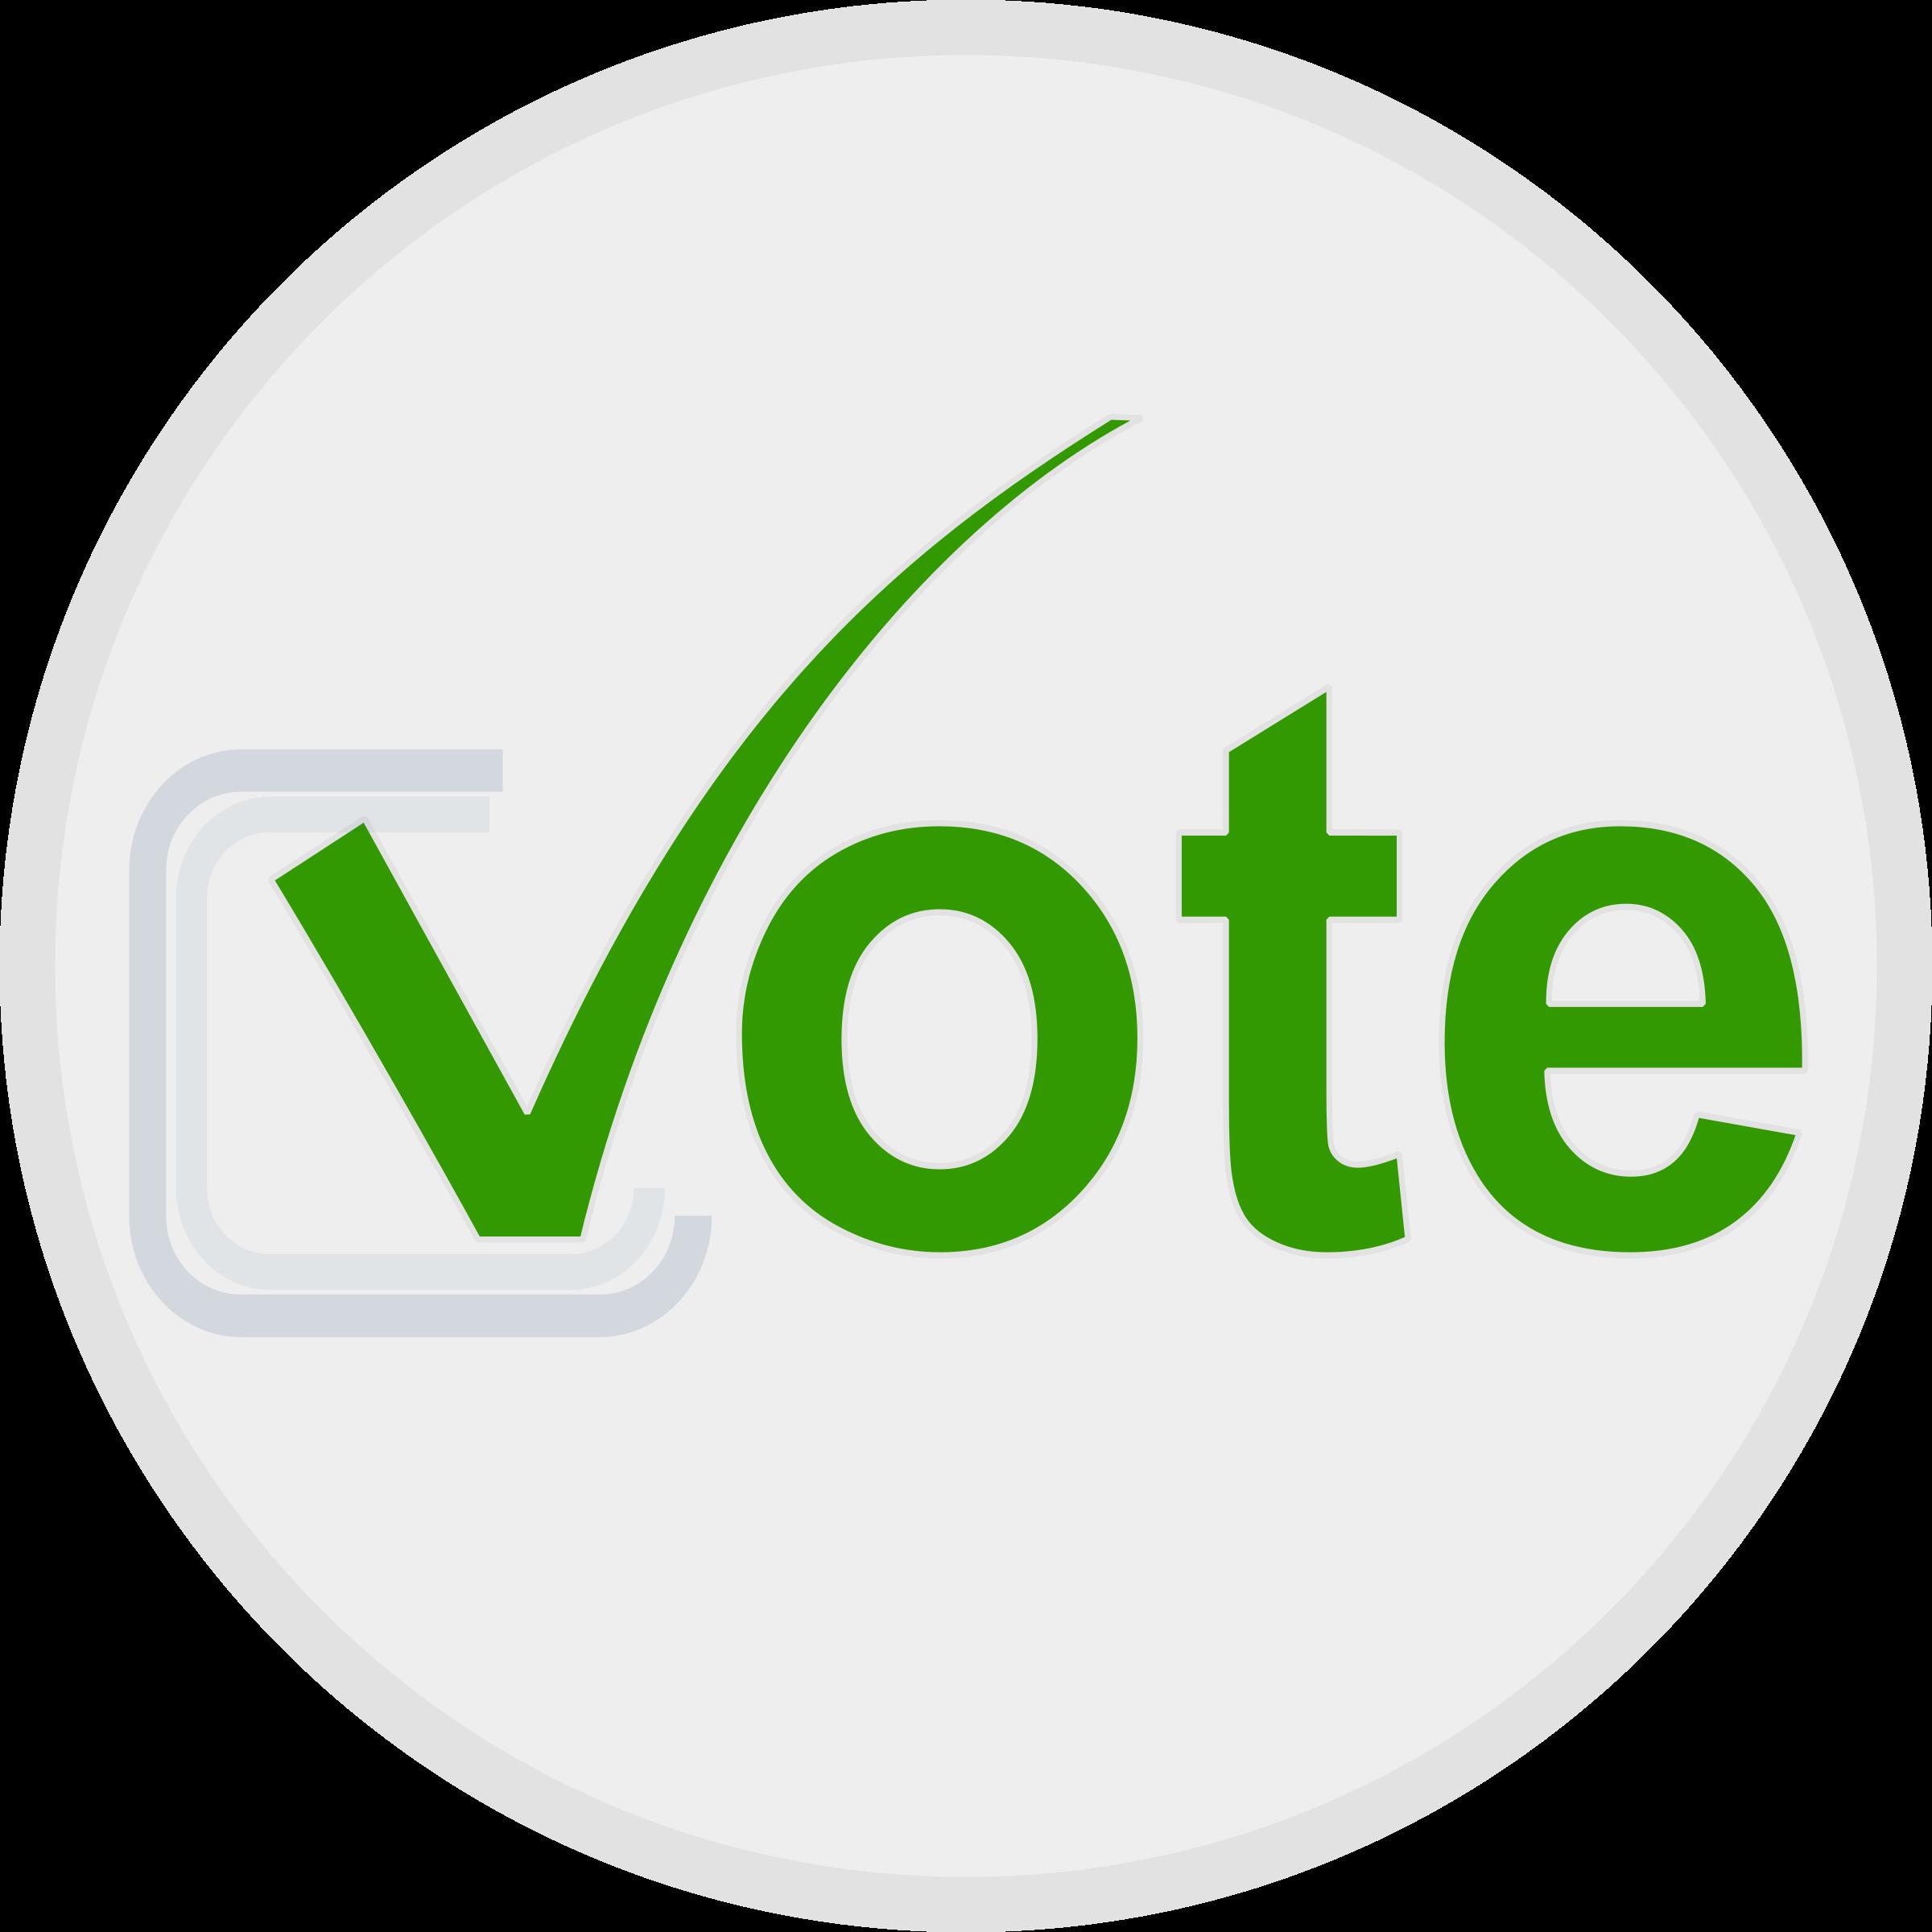 Vote icon big image. Voting clipart cute